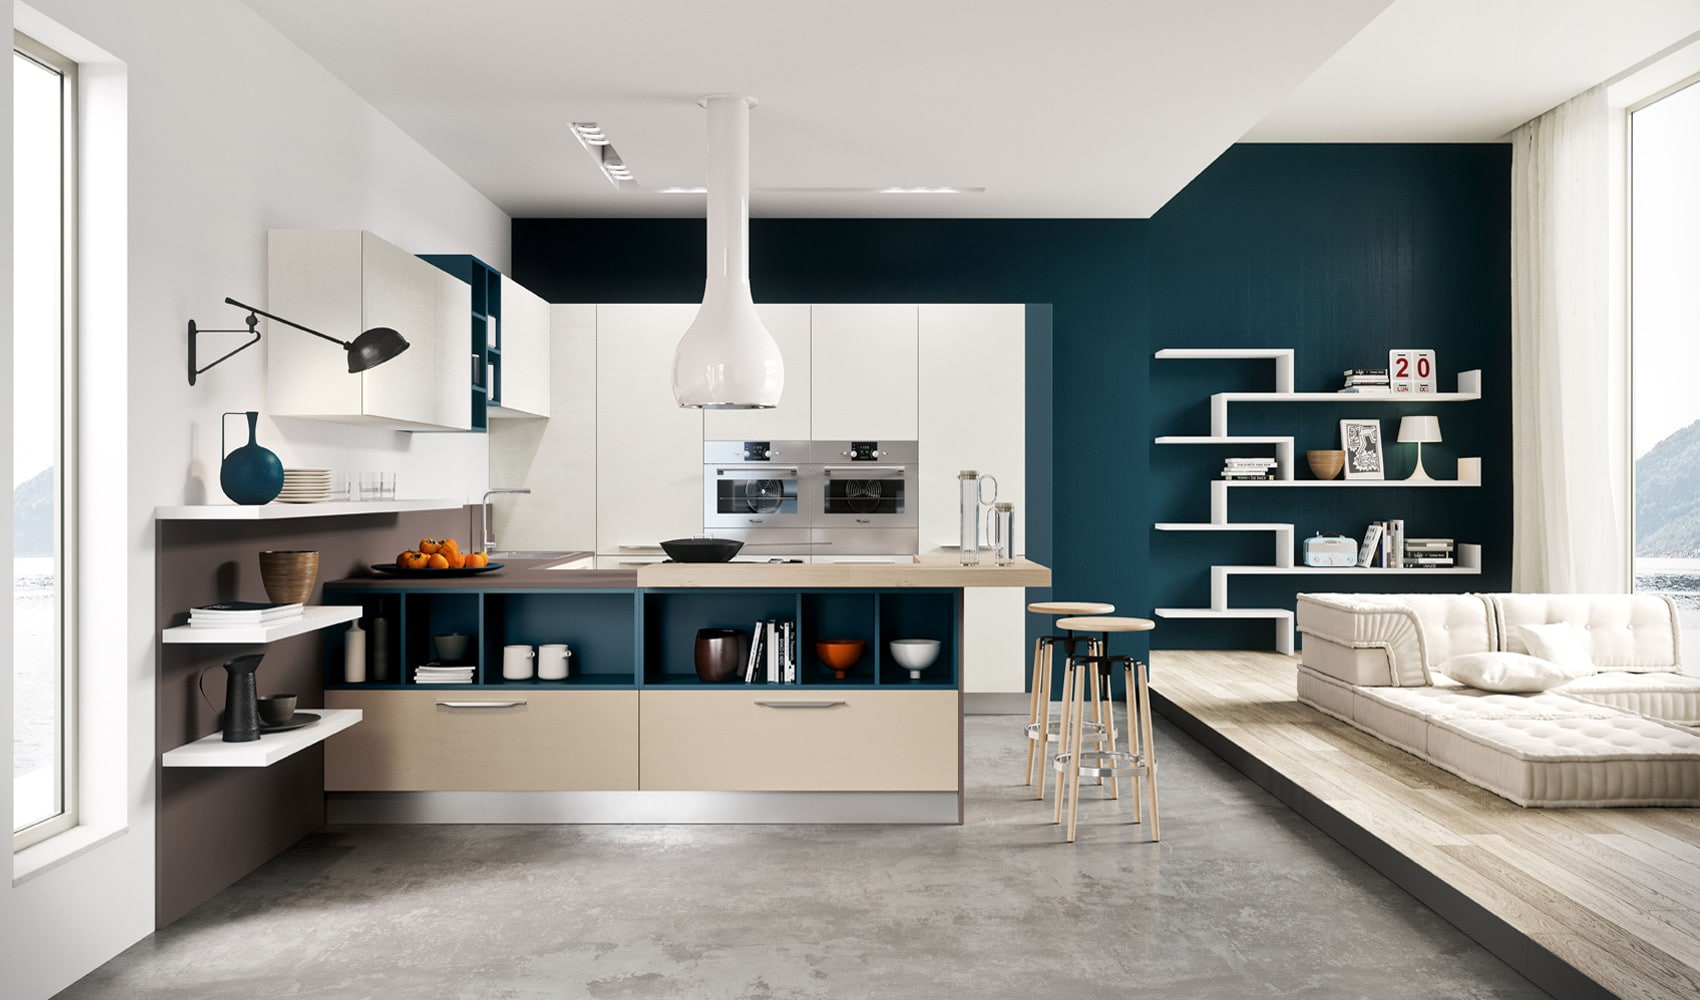 Diseo de cocinas modernas al estilo arte pop  Construye Hogar